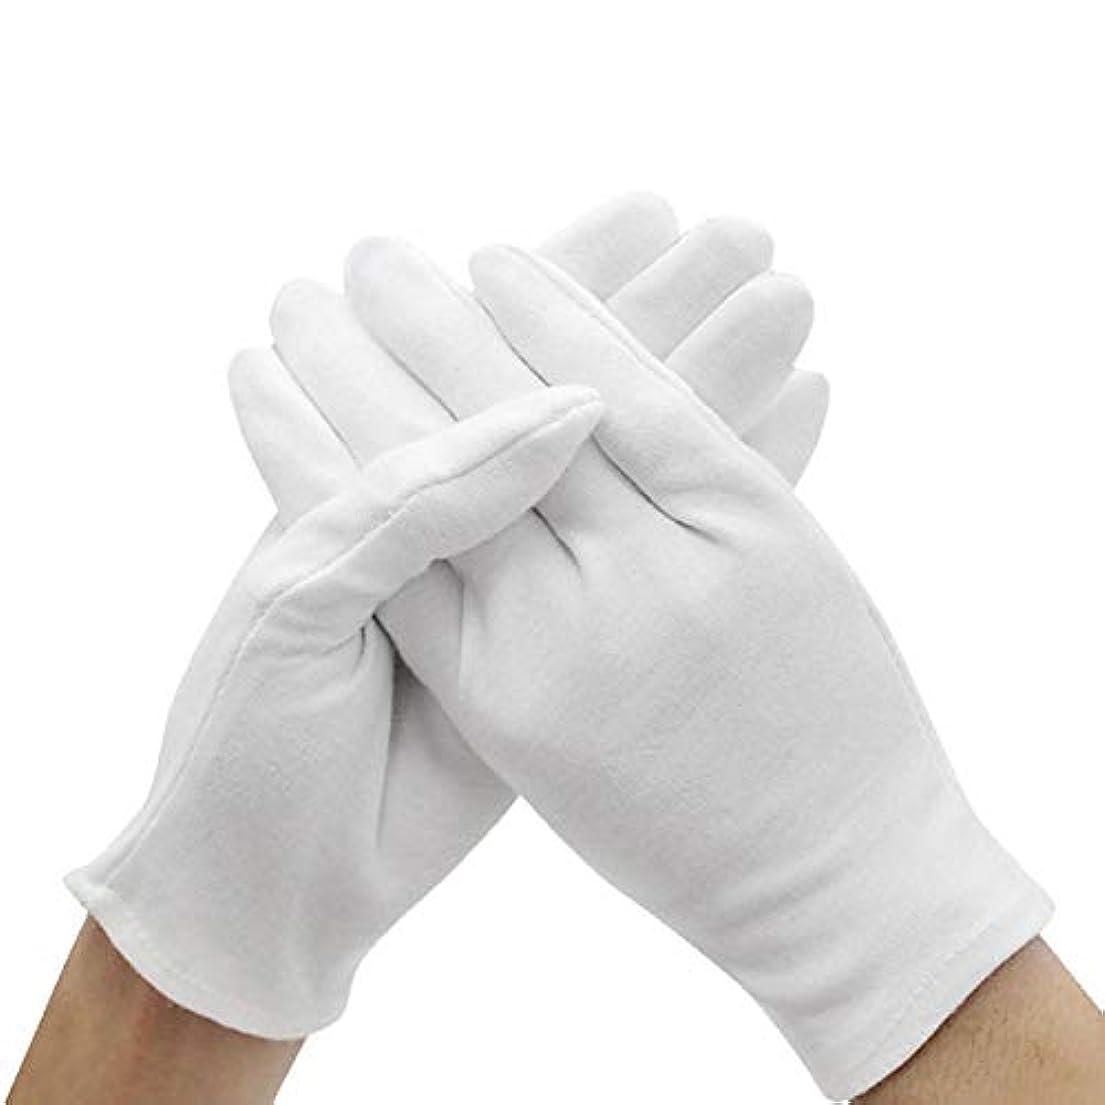 干渉折透過性コットン手袋 綿 手荒れ予防 【湿疹用 乾燥肌用 保湿用 礼装用】純綿100% 白手袋 作業用 インナー手袋,ワンサイズ,エチケットの機会